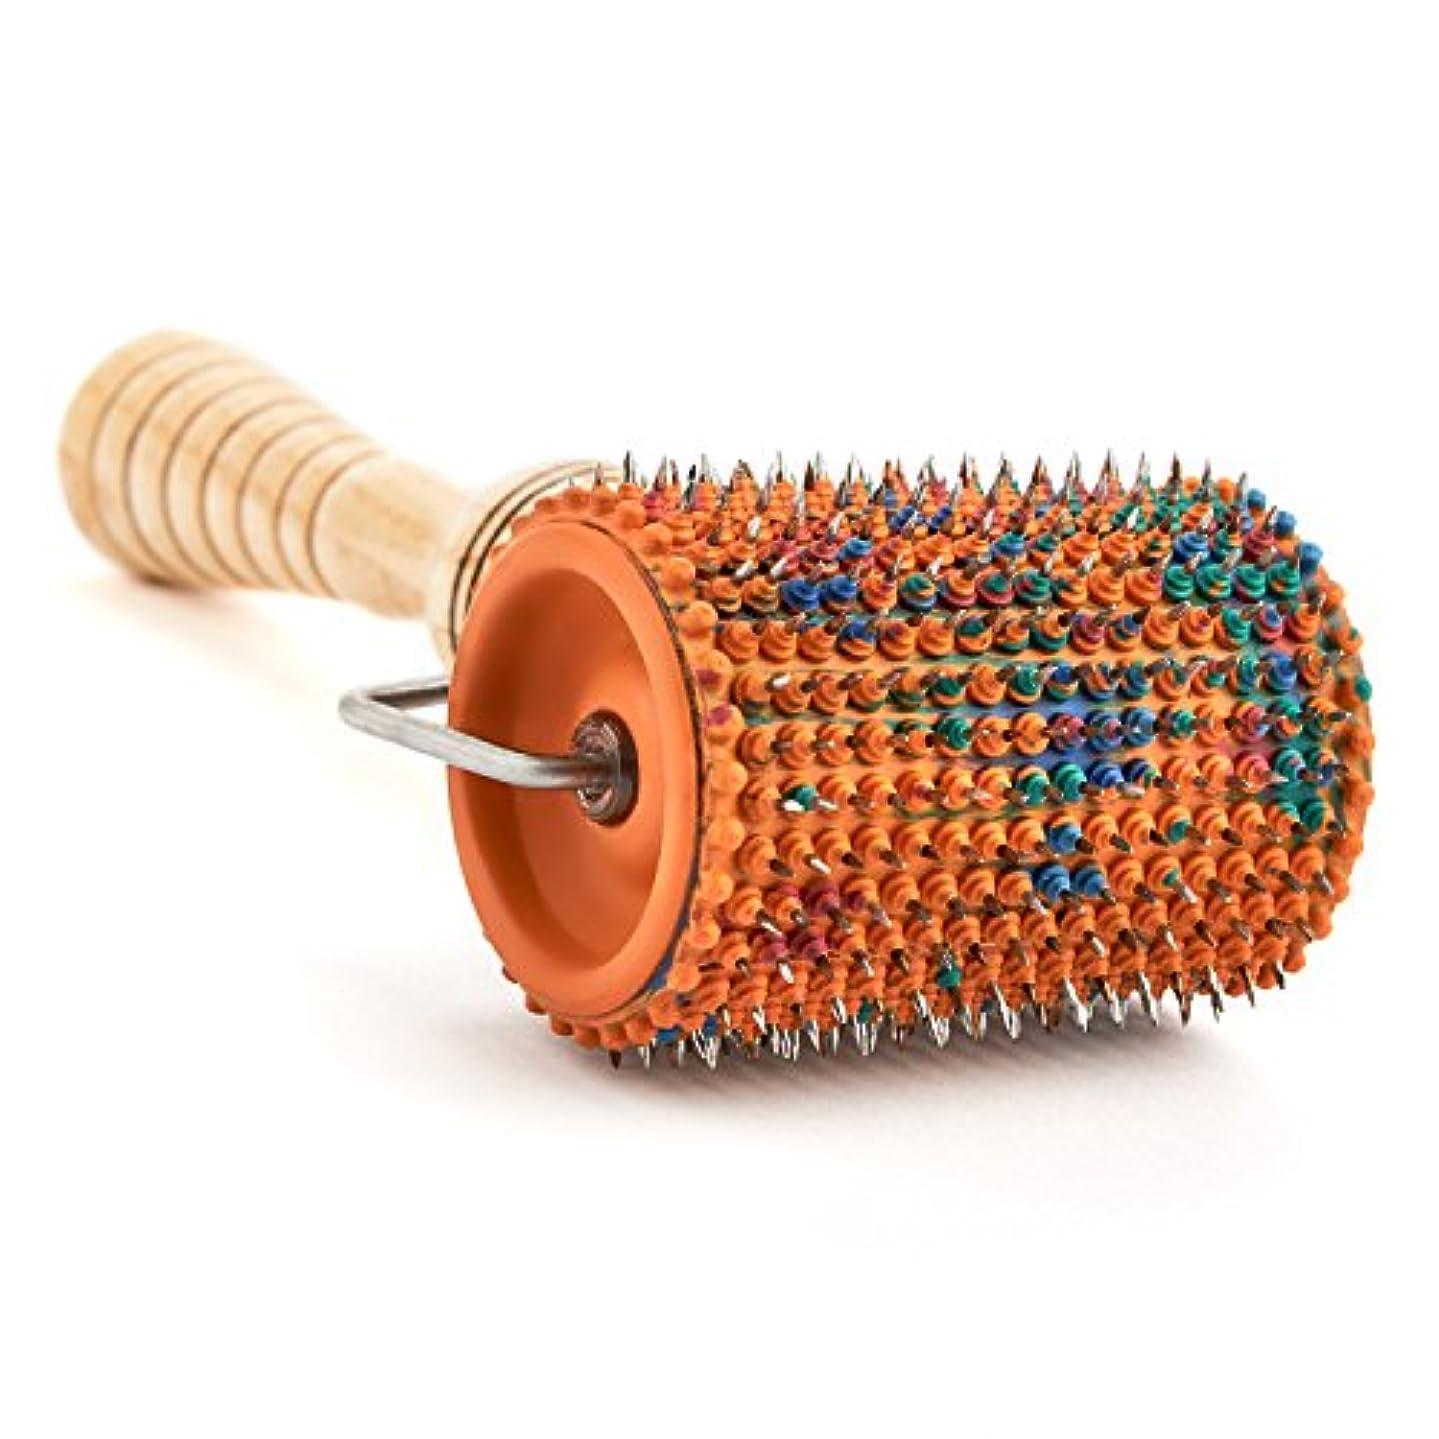 休暇計画縫い目Acupuncture for Body Massage - Acupressure Applicator Lyapko Roller UNIVERSAL-M (with rubber bushings) by Lyapko